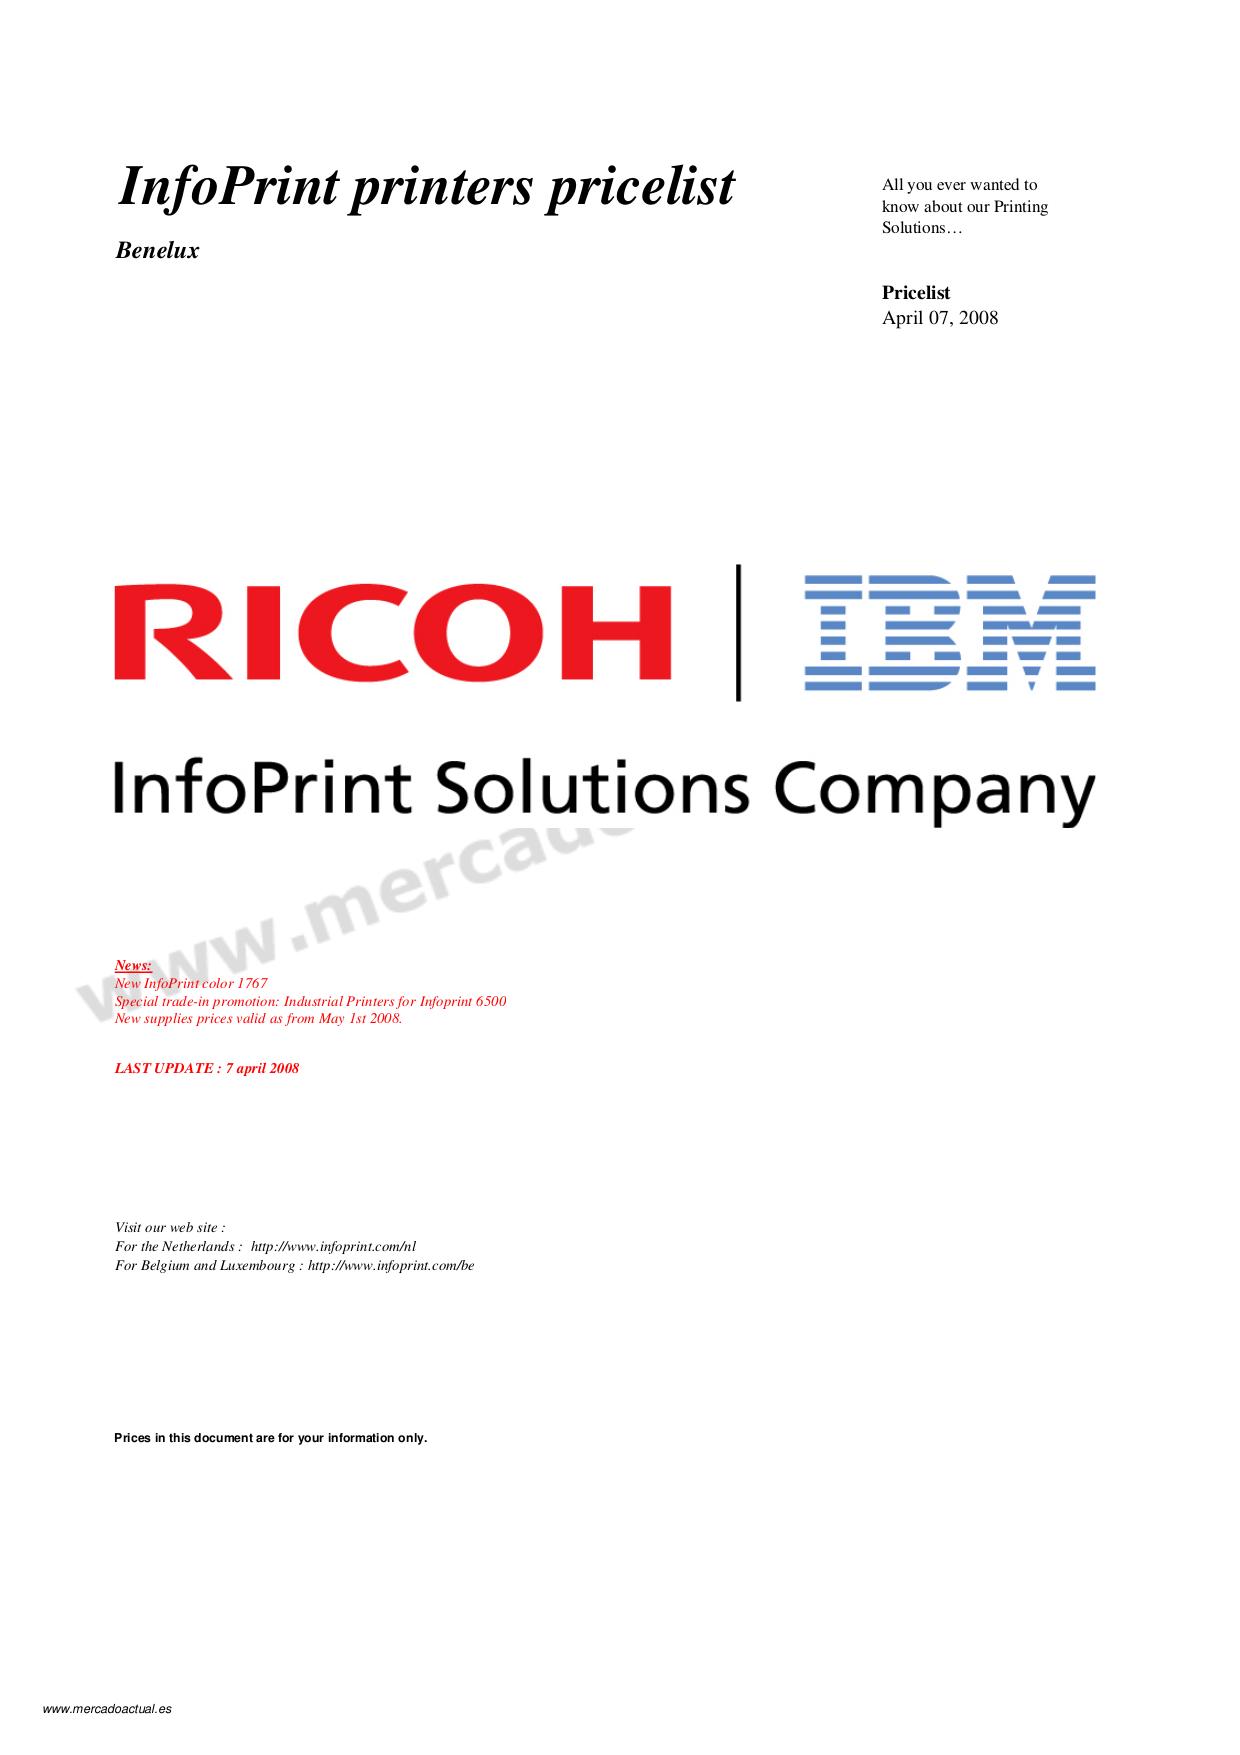 pdf for IBM Multifunction Printer InfoPrint 1759 manual